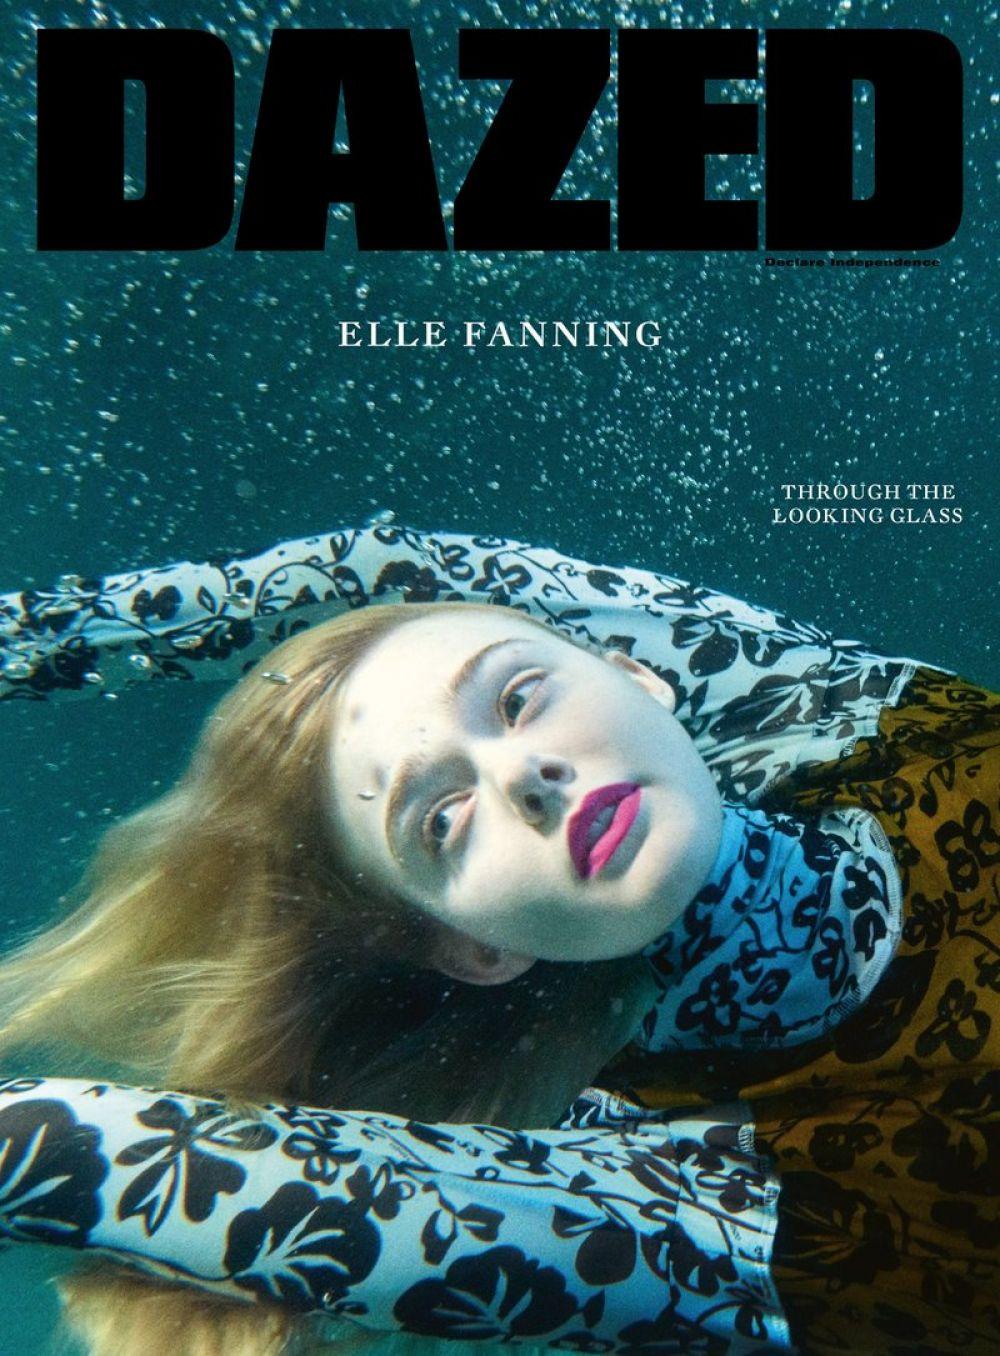 ELLE FANNING for Dazed Magazine, Summer 2017